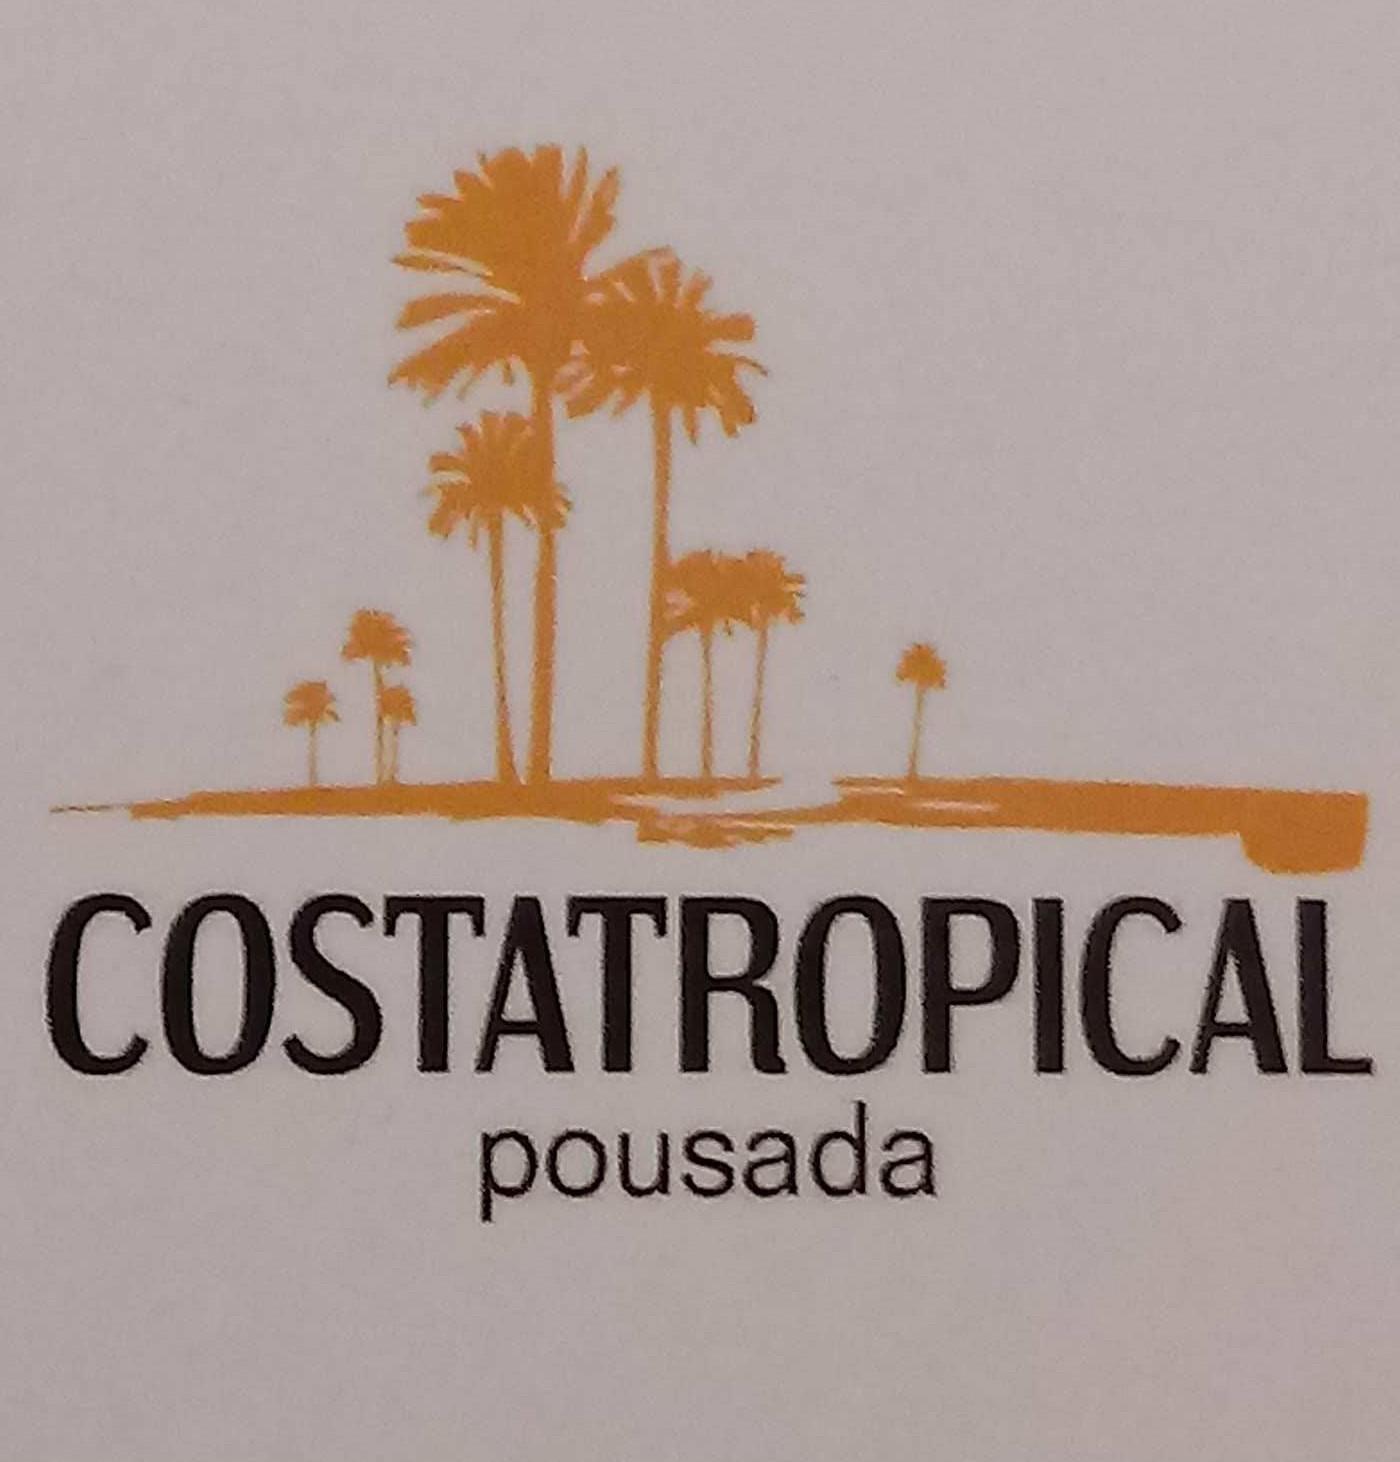 Pousada Costa Tropical em Tamandaré (PE)